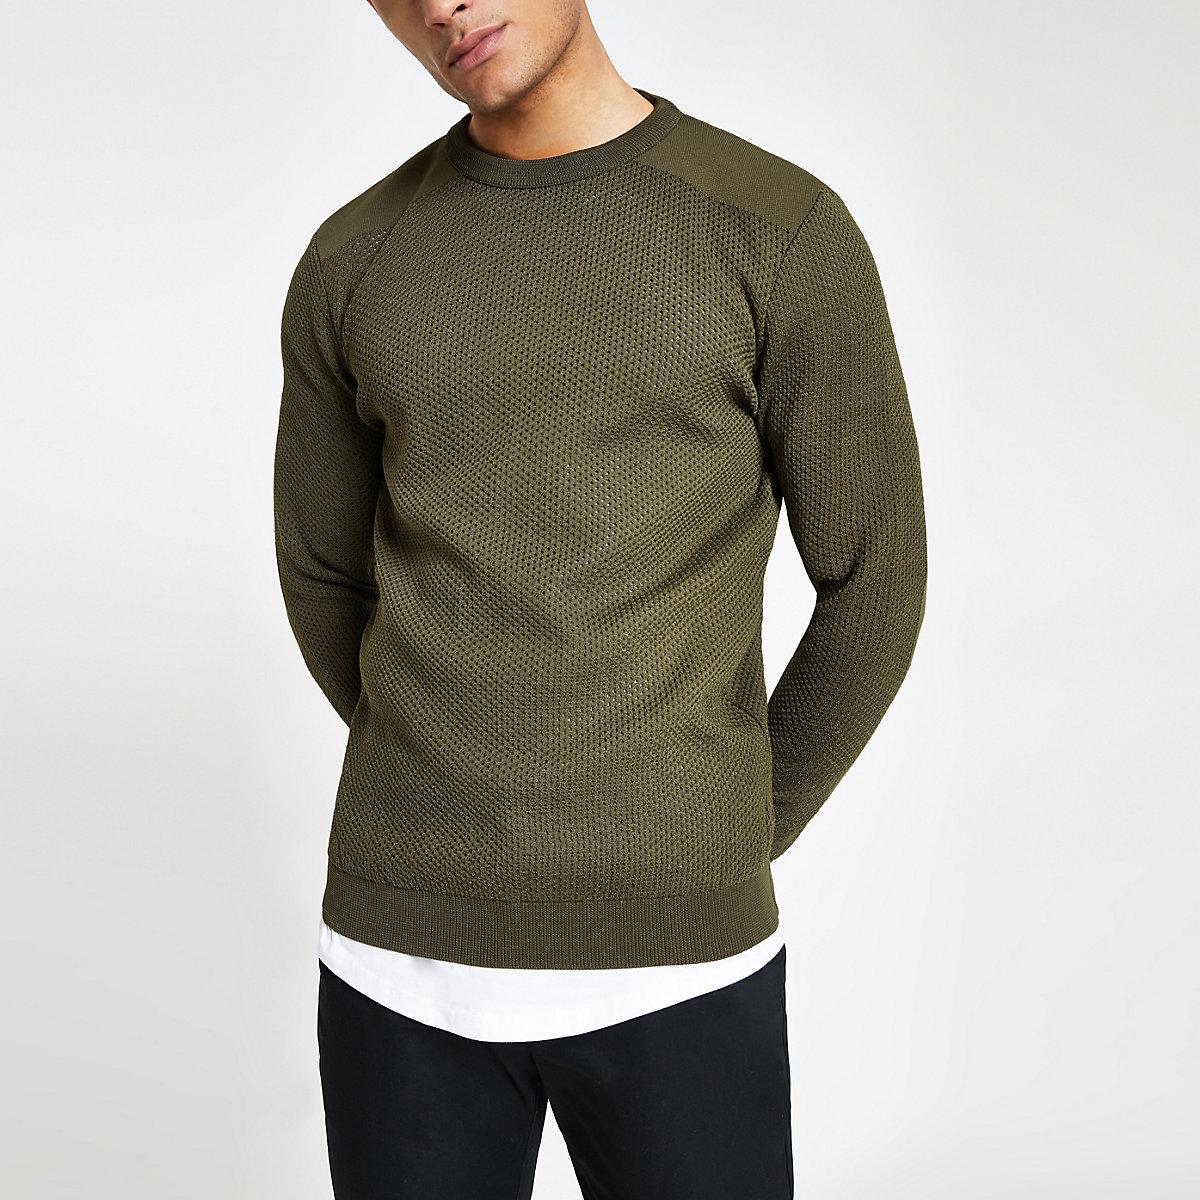 Khaki slim fit textured knit sweater